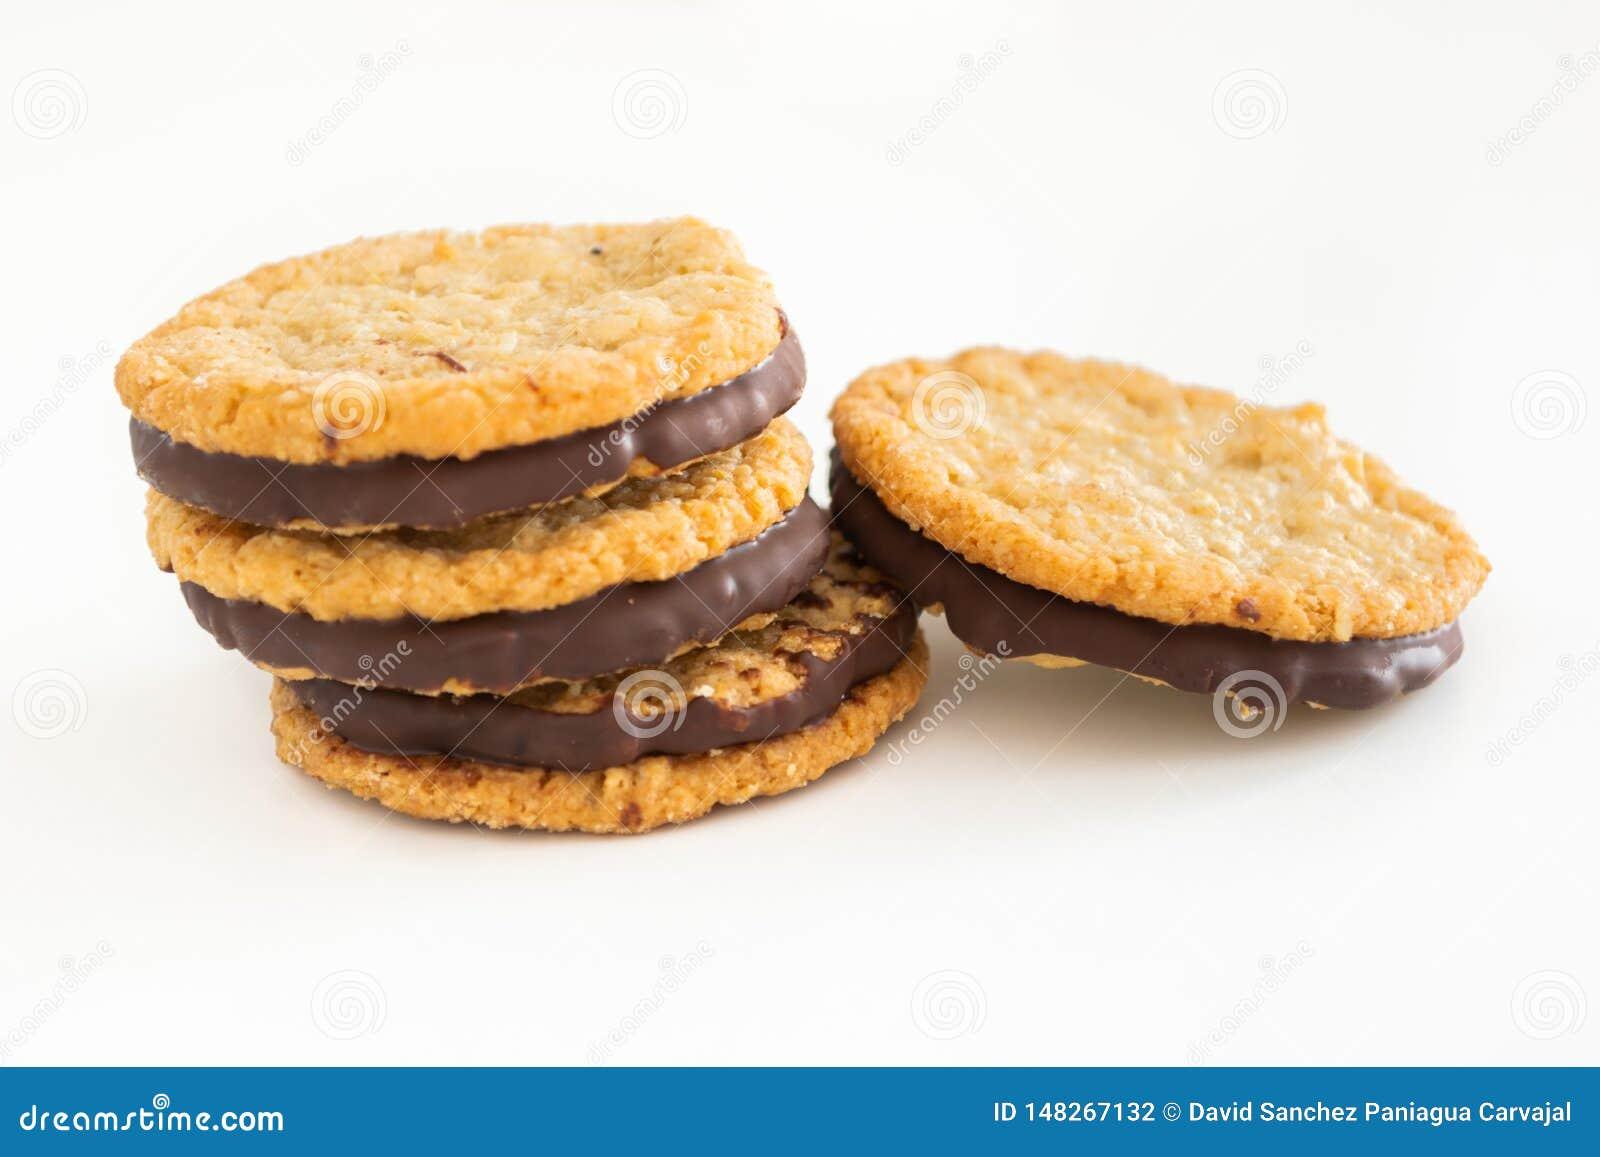 Cookies e chocolate de farinha de aveia no fundo branco